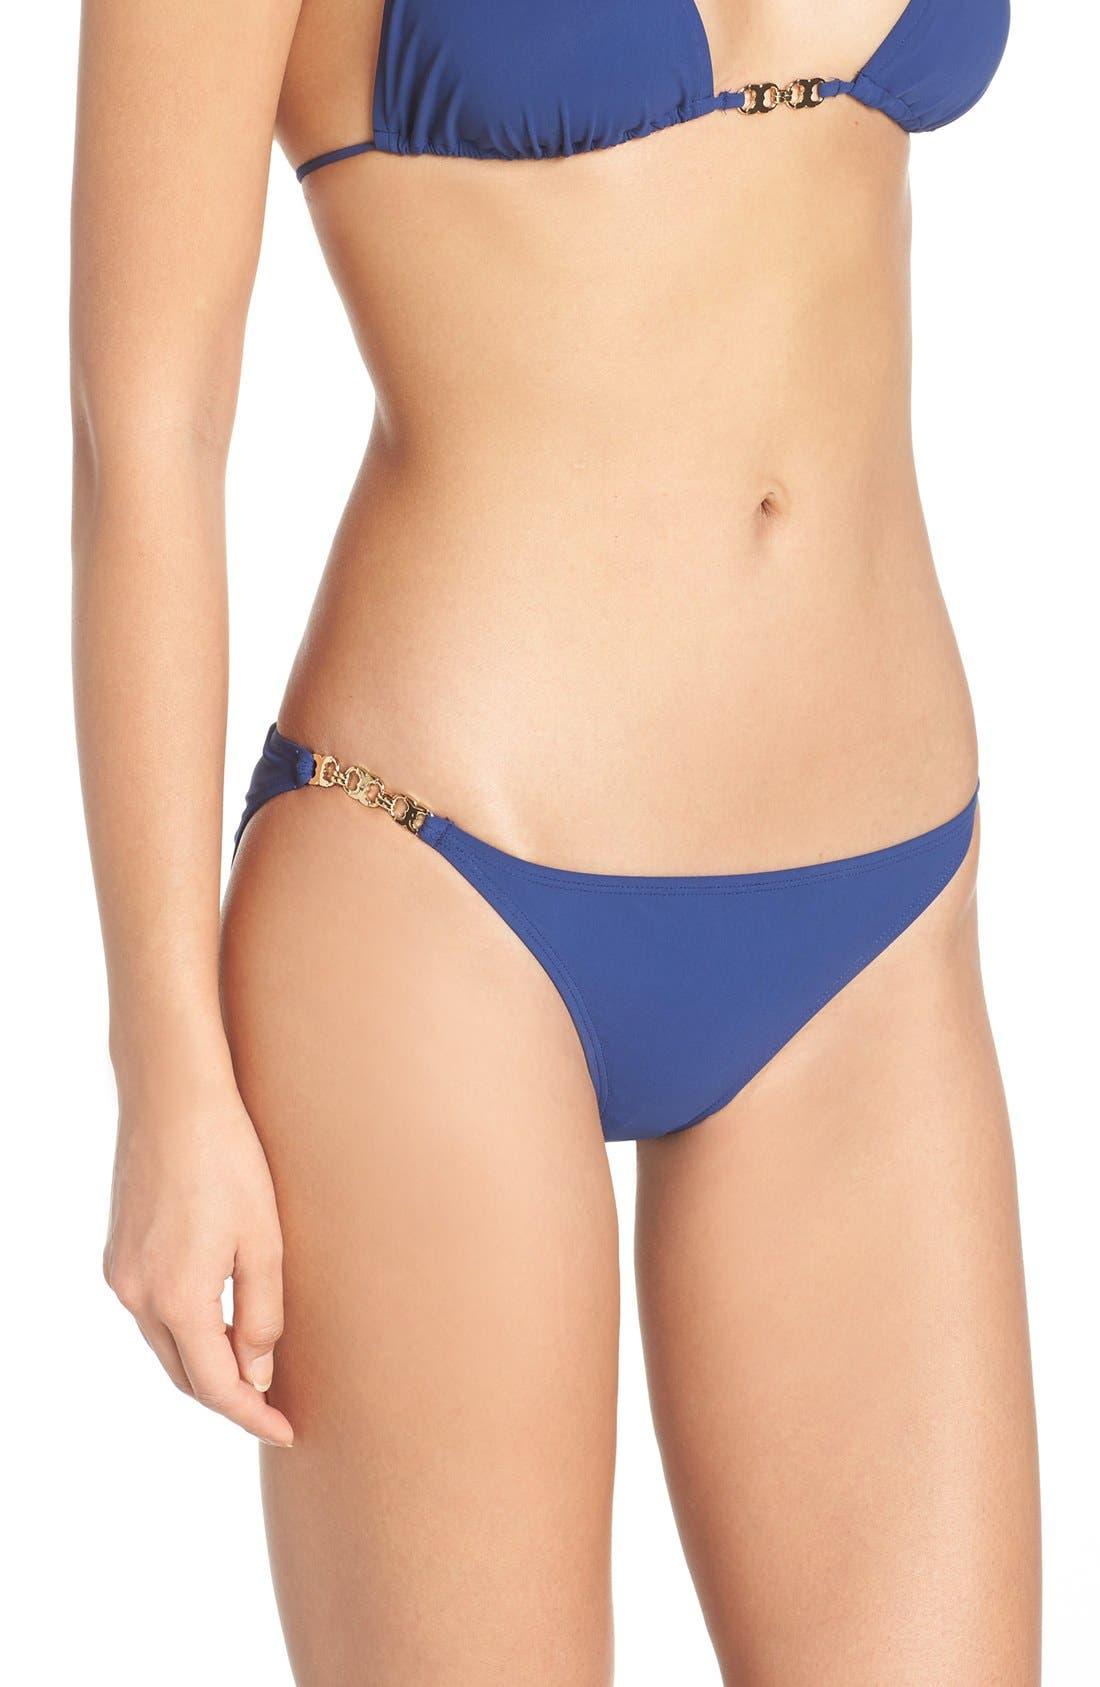 Gemini Link Bikini Bottoms,                             Alternate thumbnail 3, color,                             Capri Blue